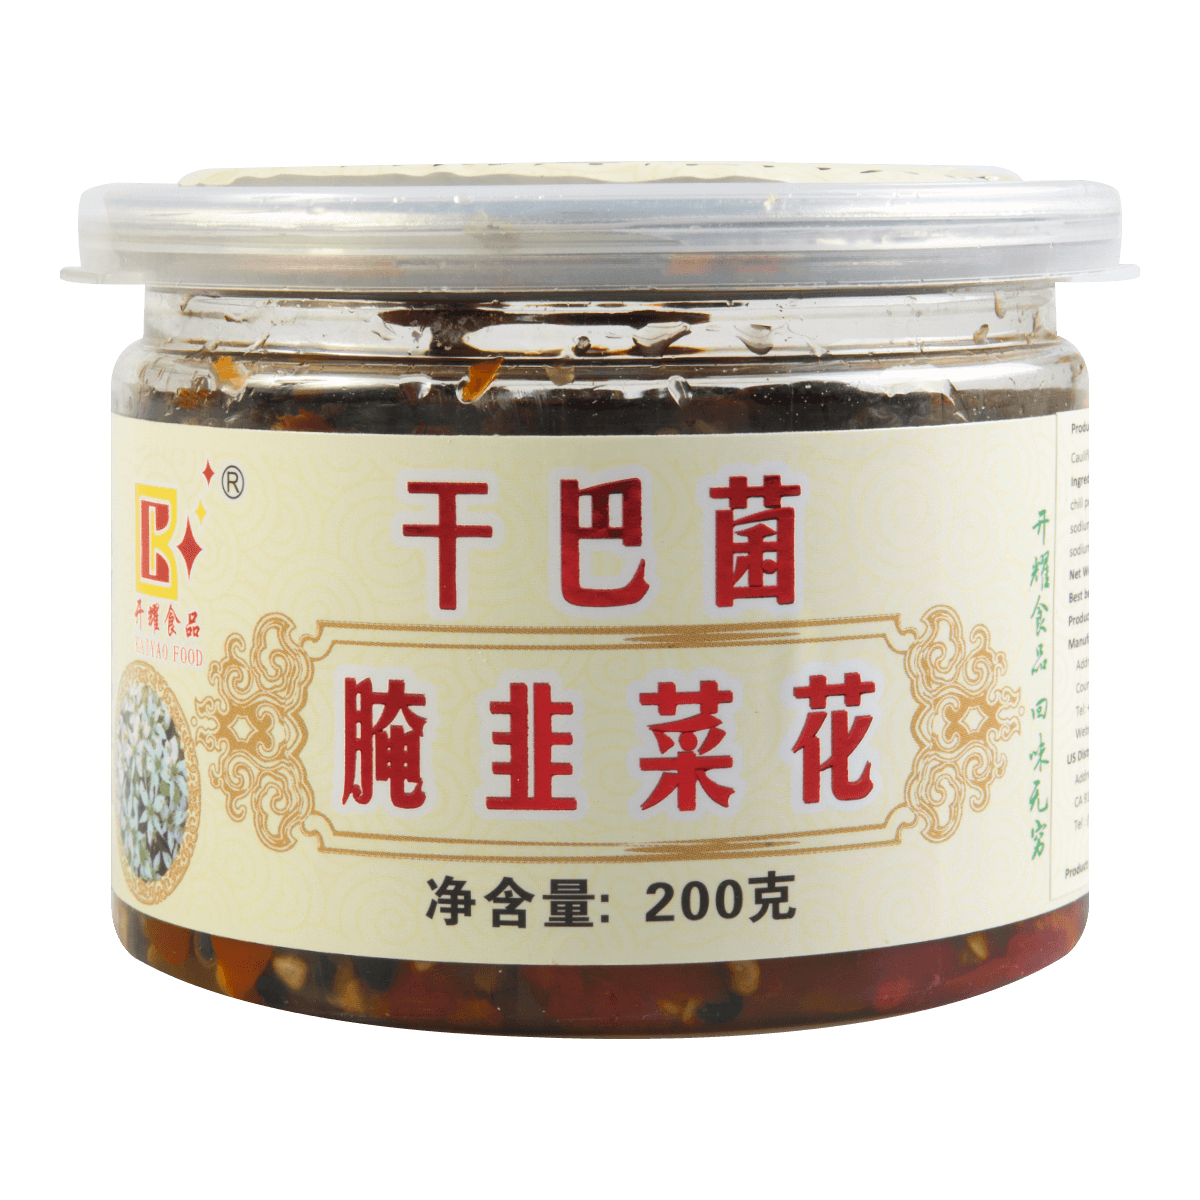 开耀食品 干巴菌腌韭菜花 罐装 200g  云南特产 亚米独家